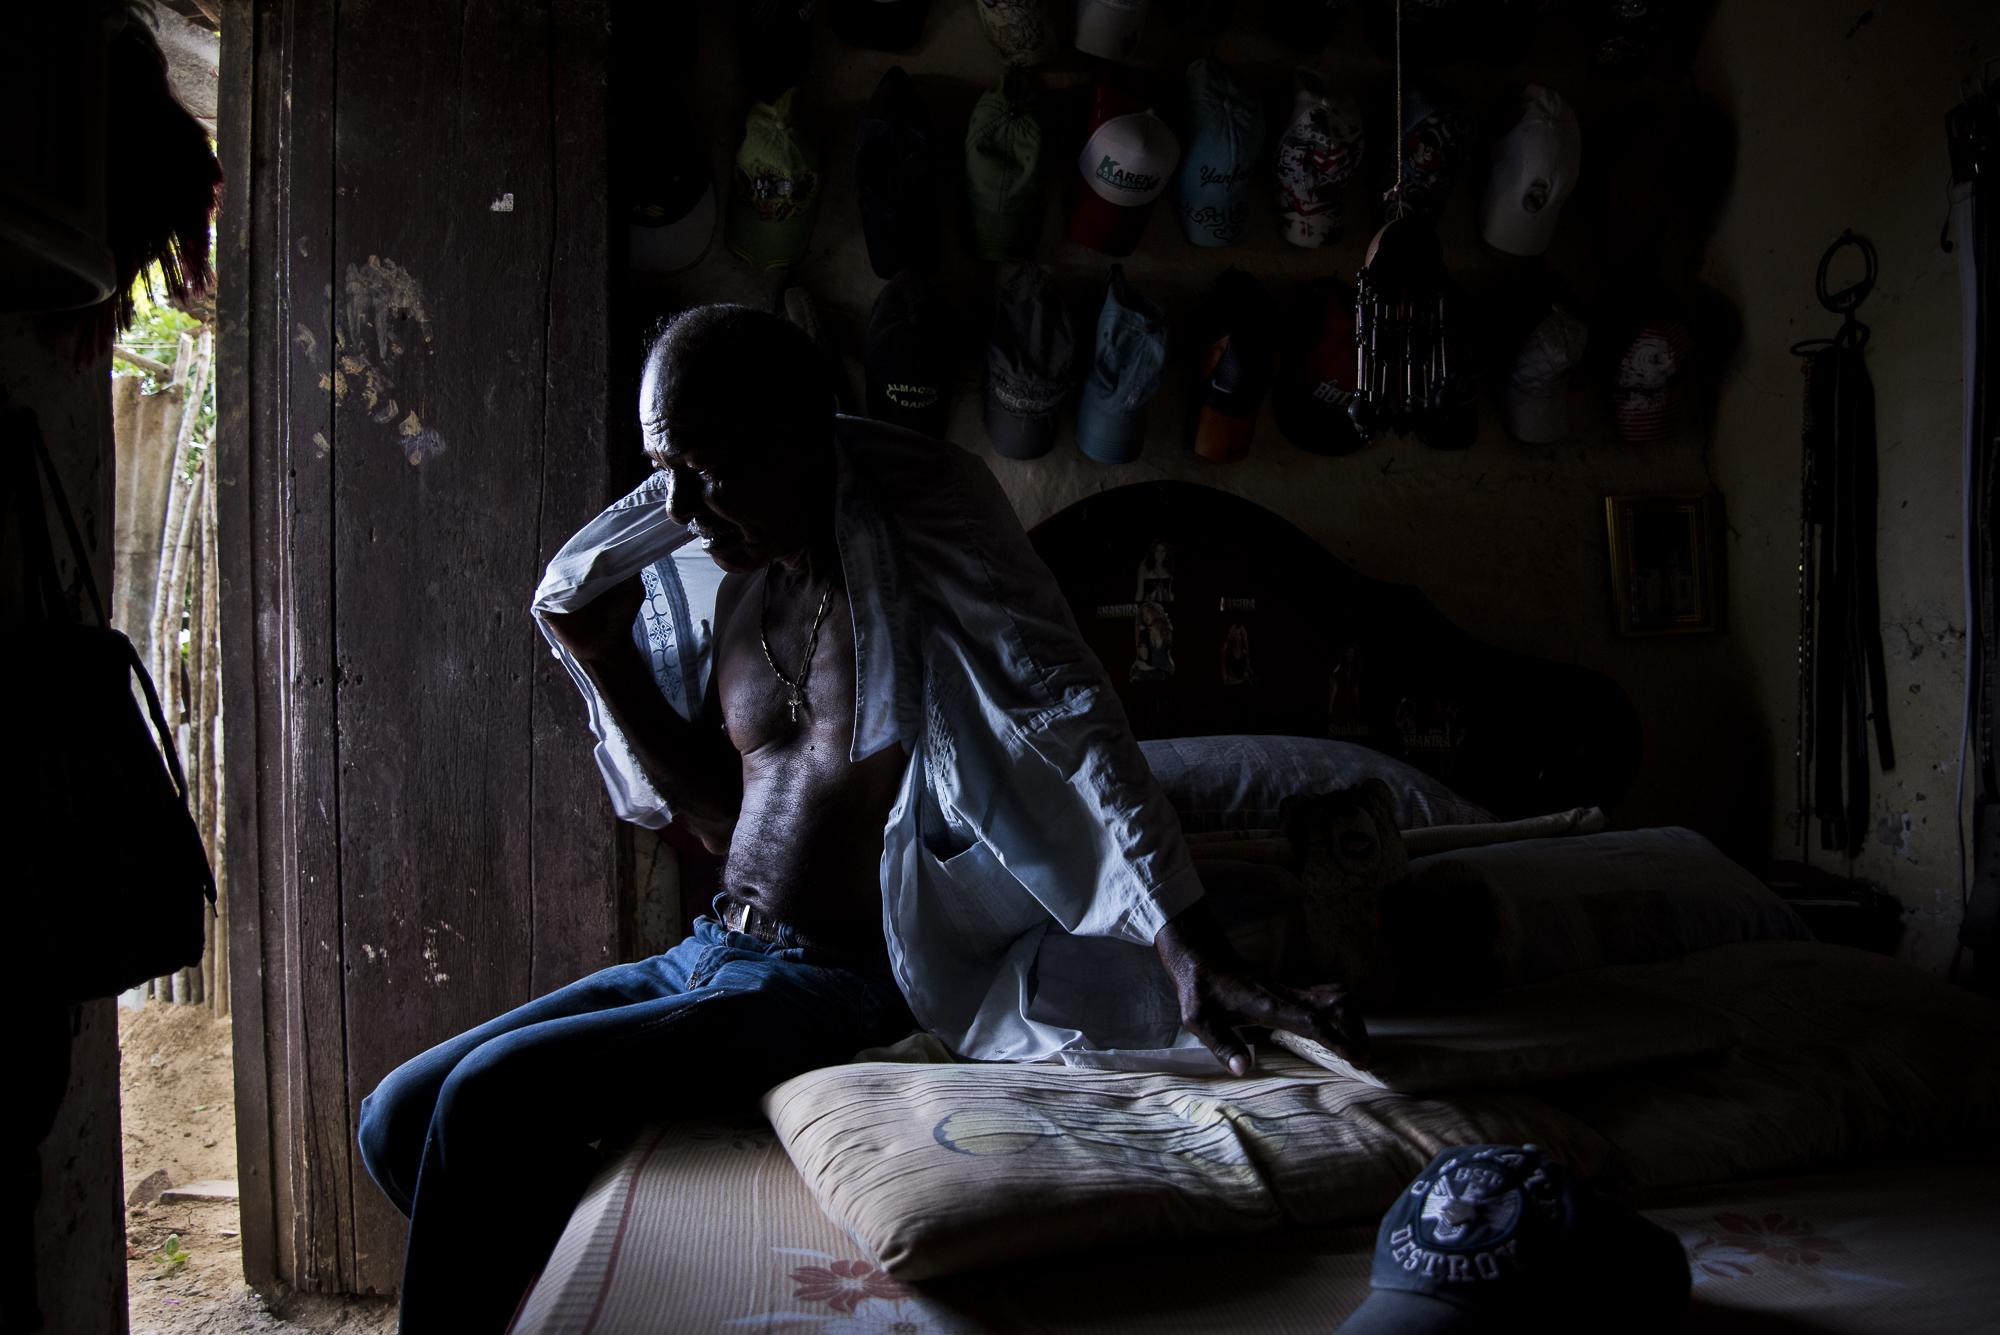 M. de 70 años se pone una camisa en la unica habitacion de su casa, ese lugar que para el no lo es por las condiciones en las que se encuentra El niega revelar su nombre por temor a represalias de grupos armados, para el, el miedo no se disipa con los años.